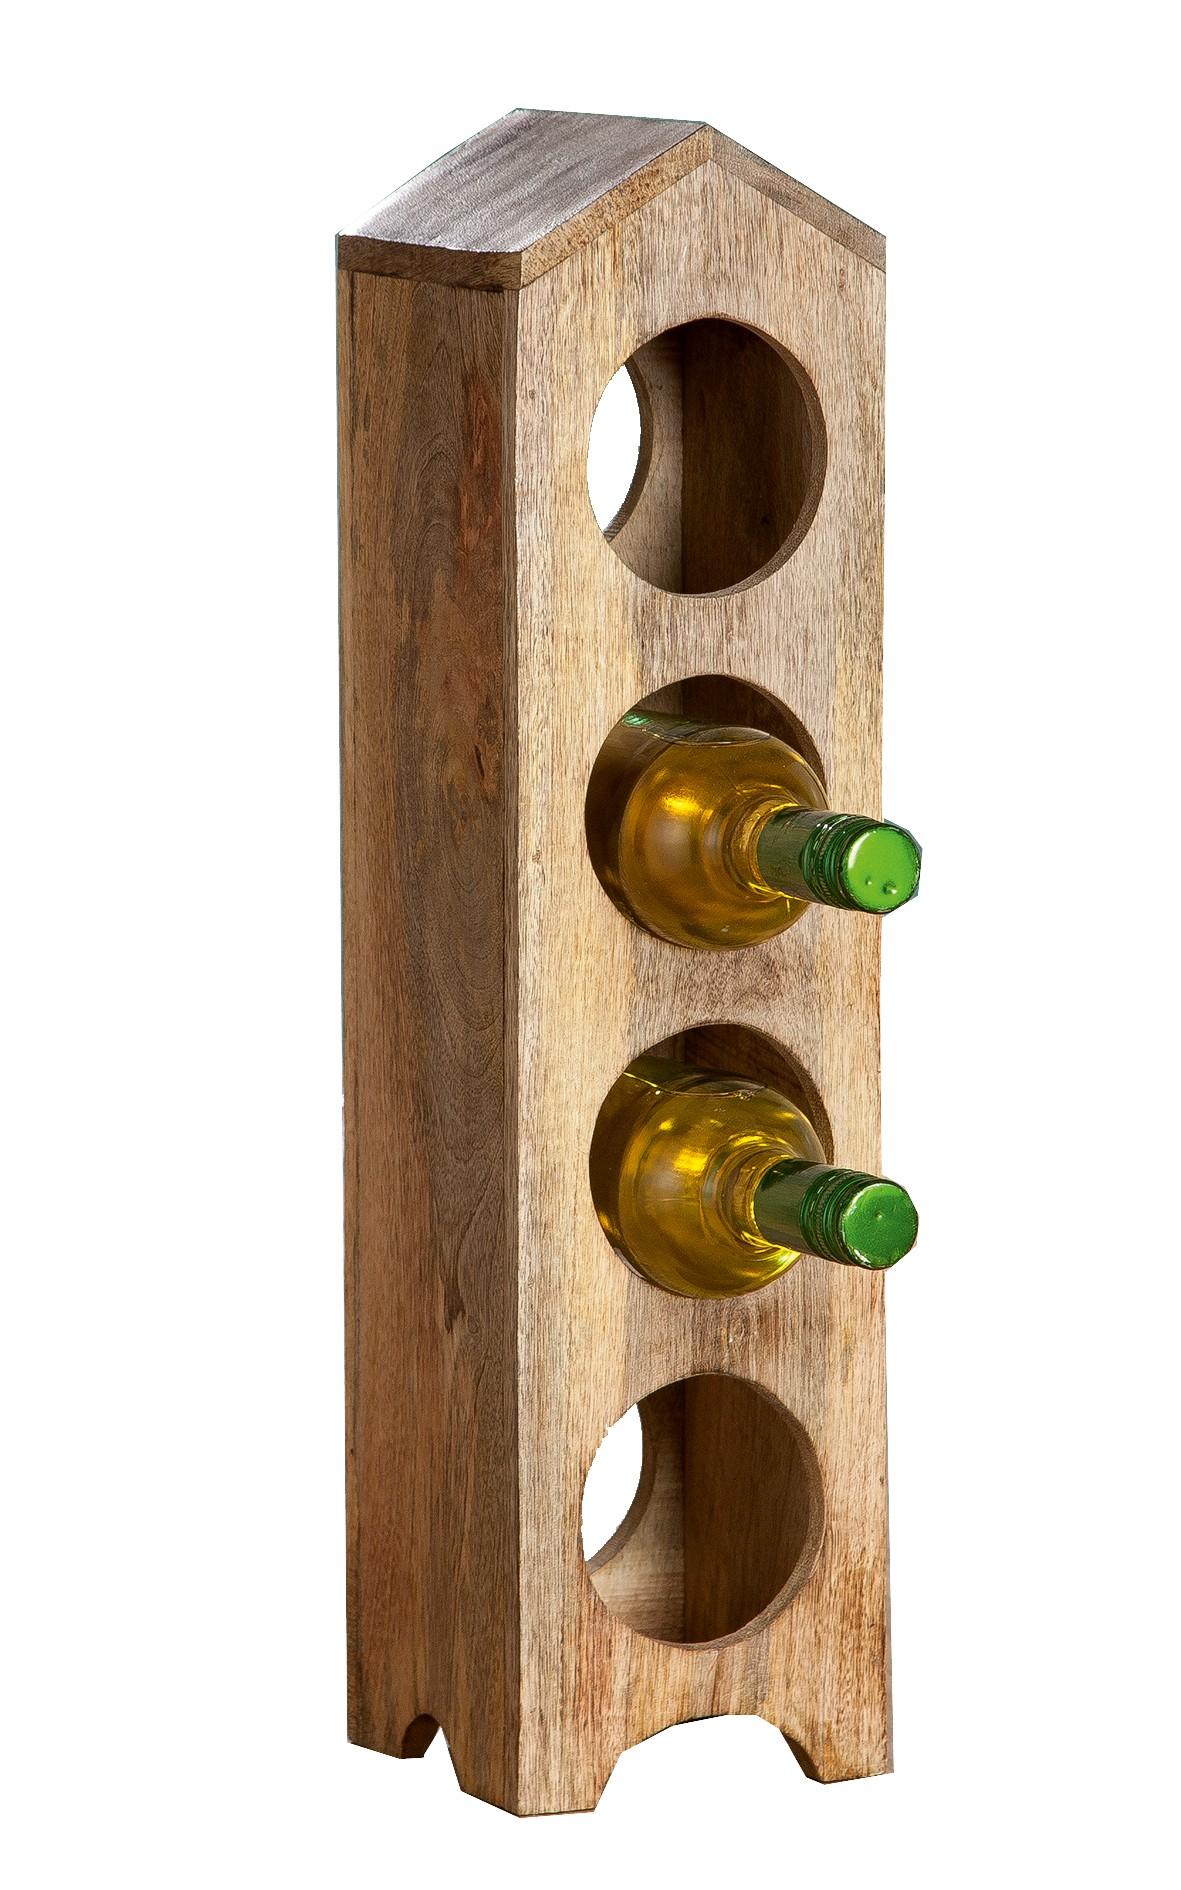 flaschenhalter aus mango holz 55 cm g nstig bei dekodor. Black Bedroom Furniture Sets. Home Design Ideas